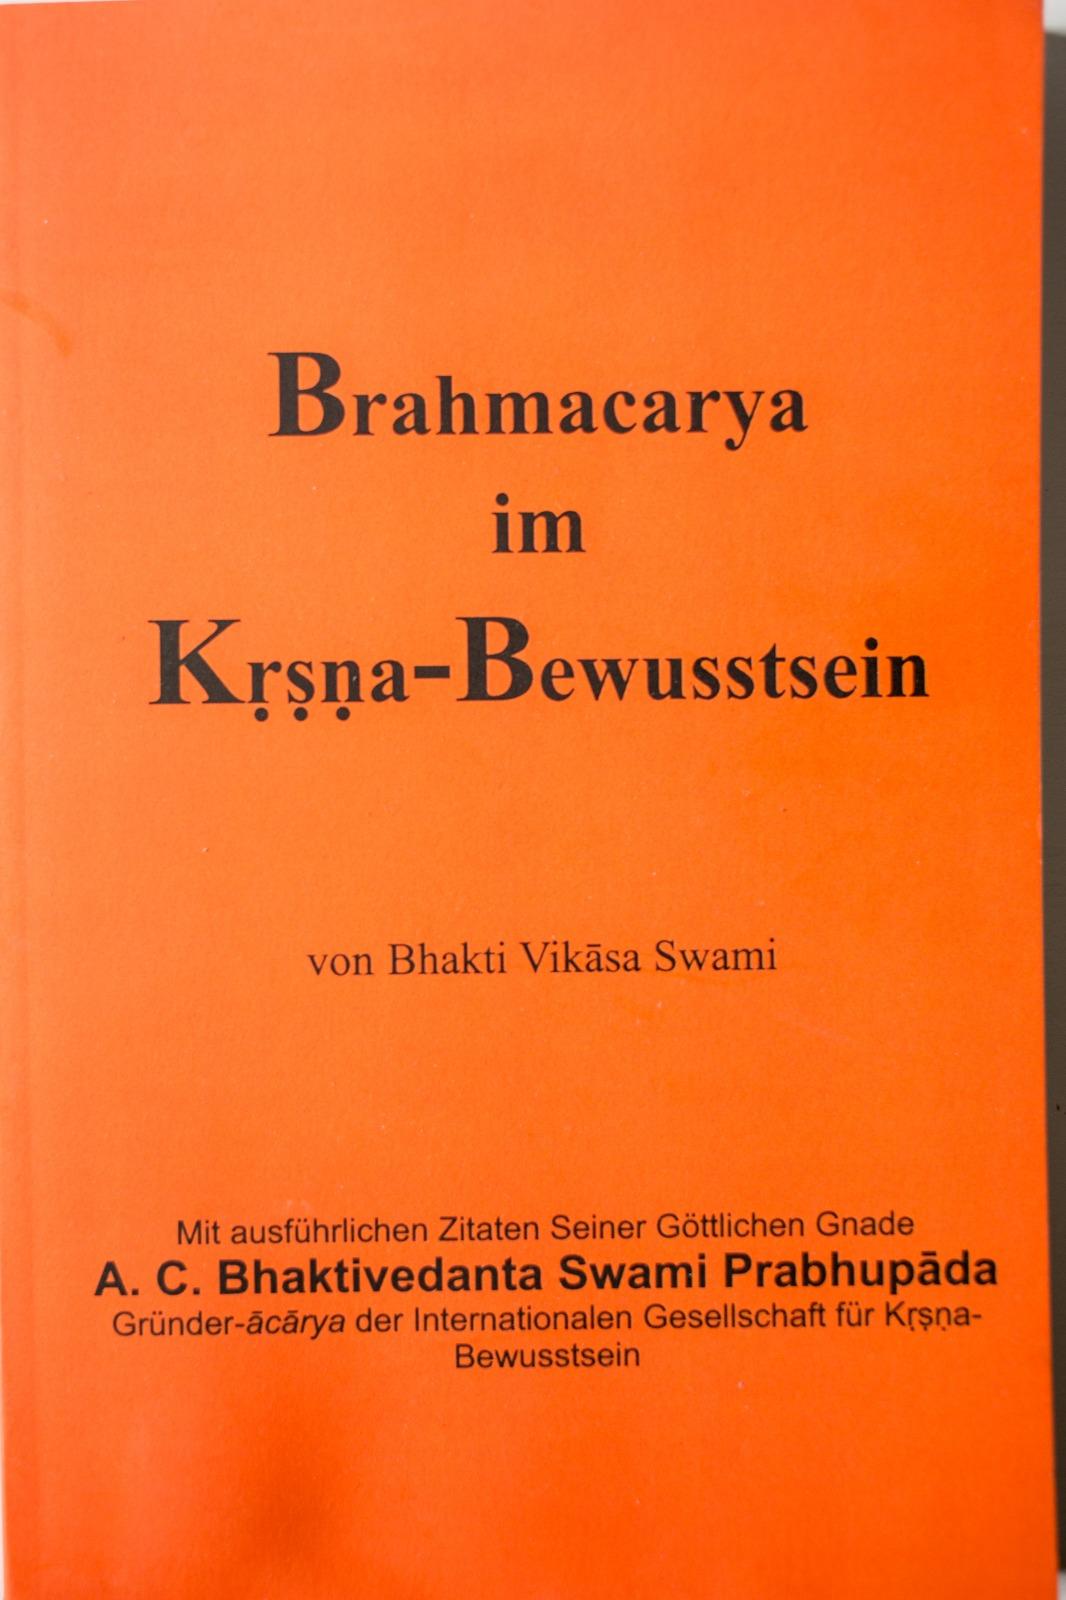 Brahmacarya im Krishna-Bewusstsein